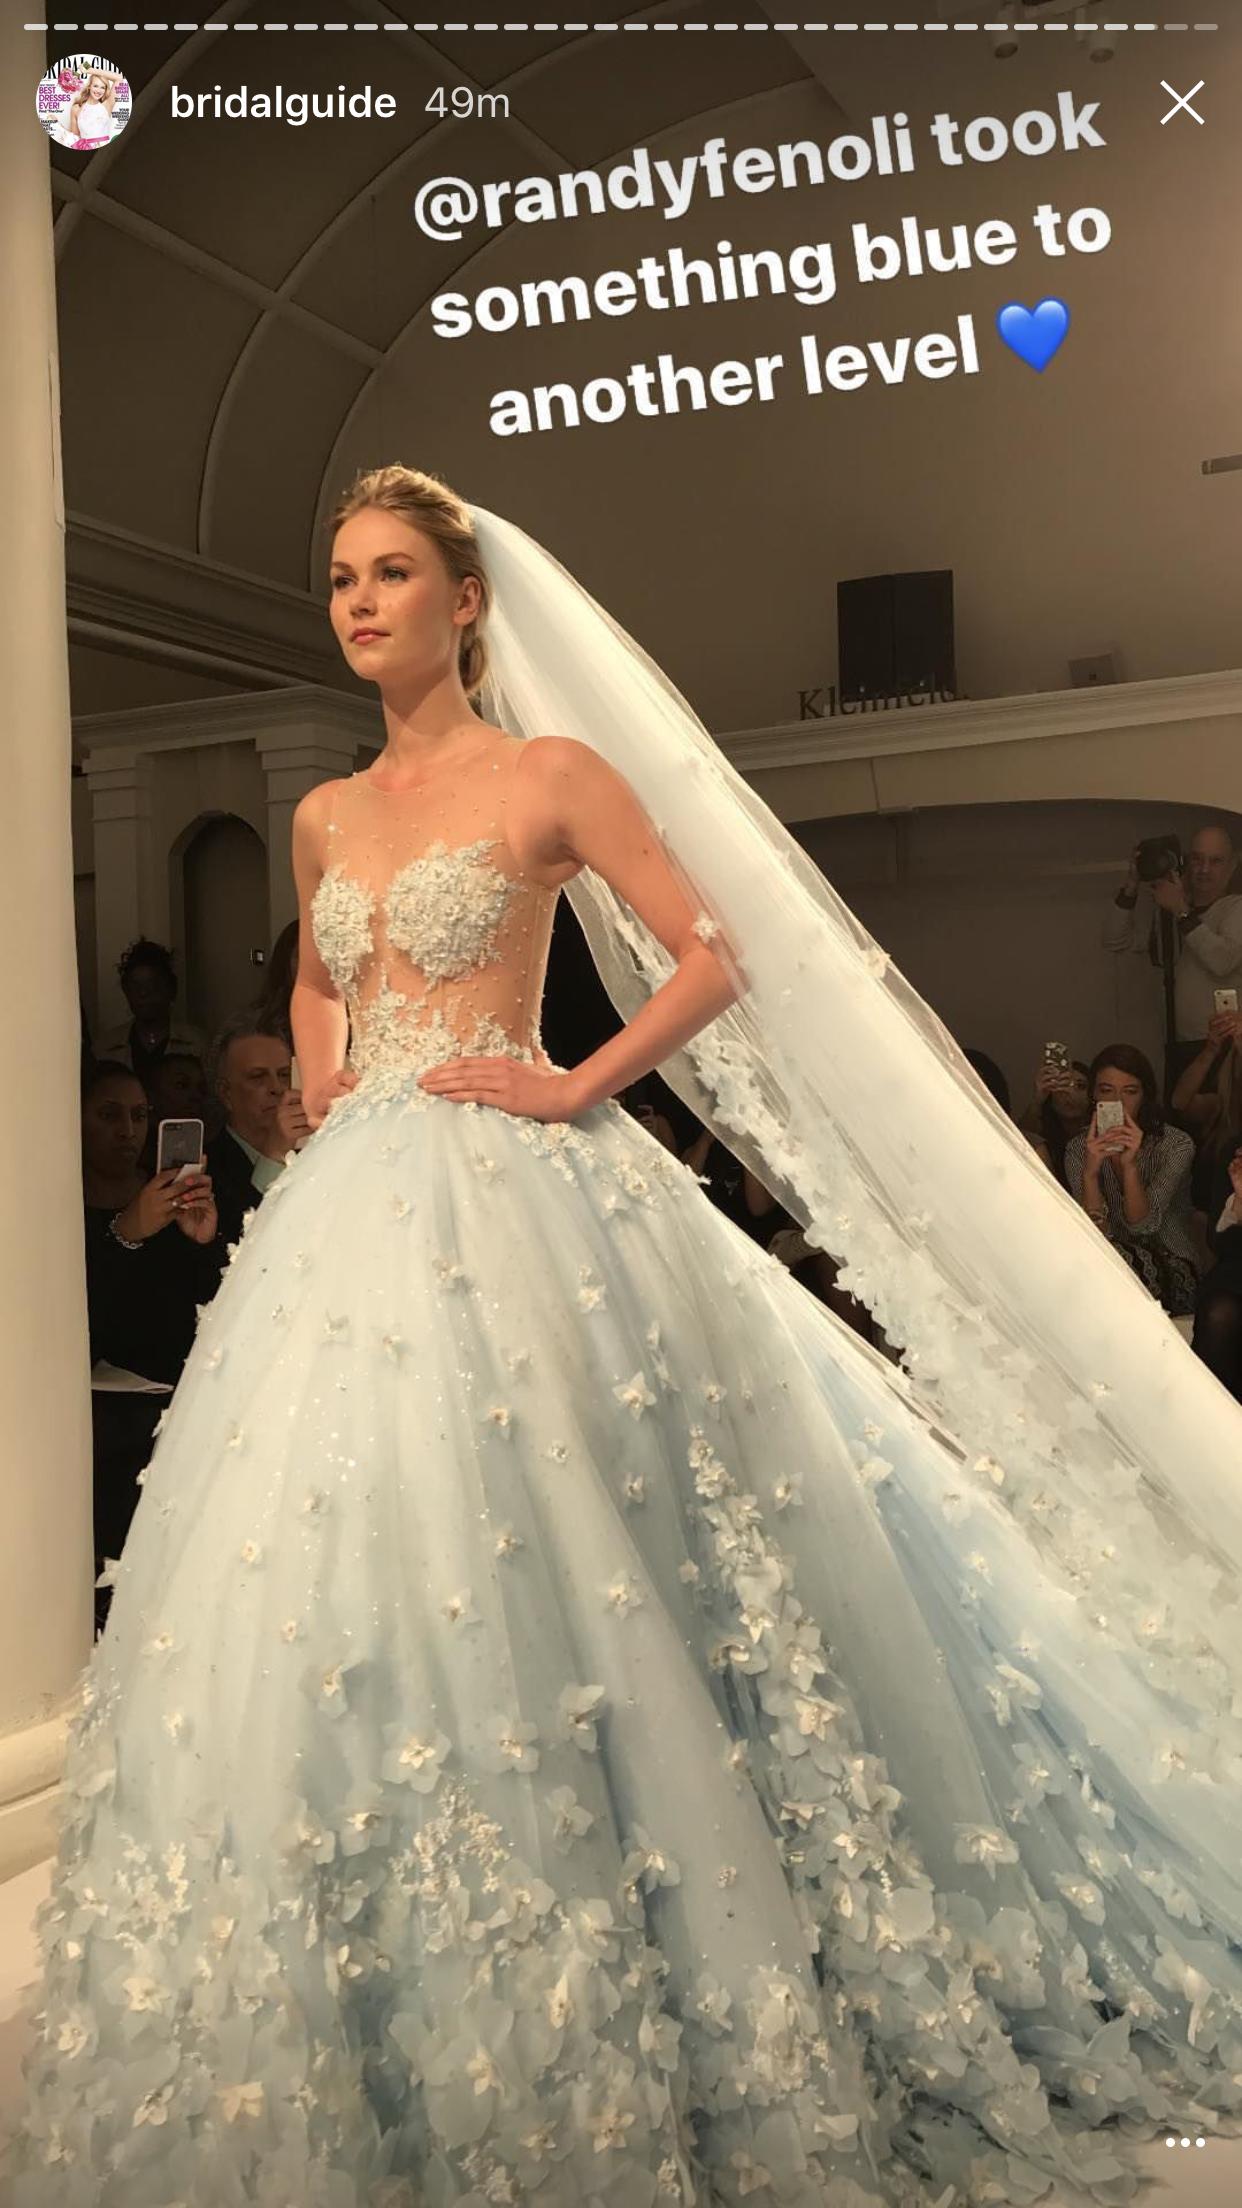 Something blue wedding dress by Randy Fenoli Wedding Dress